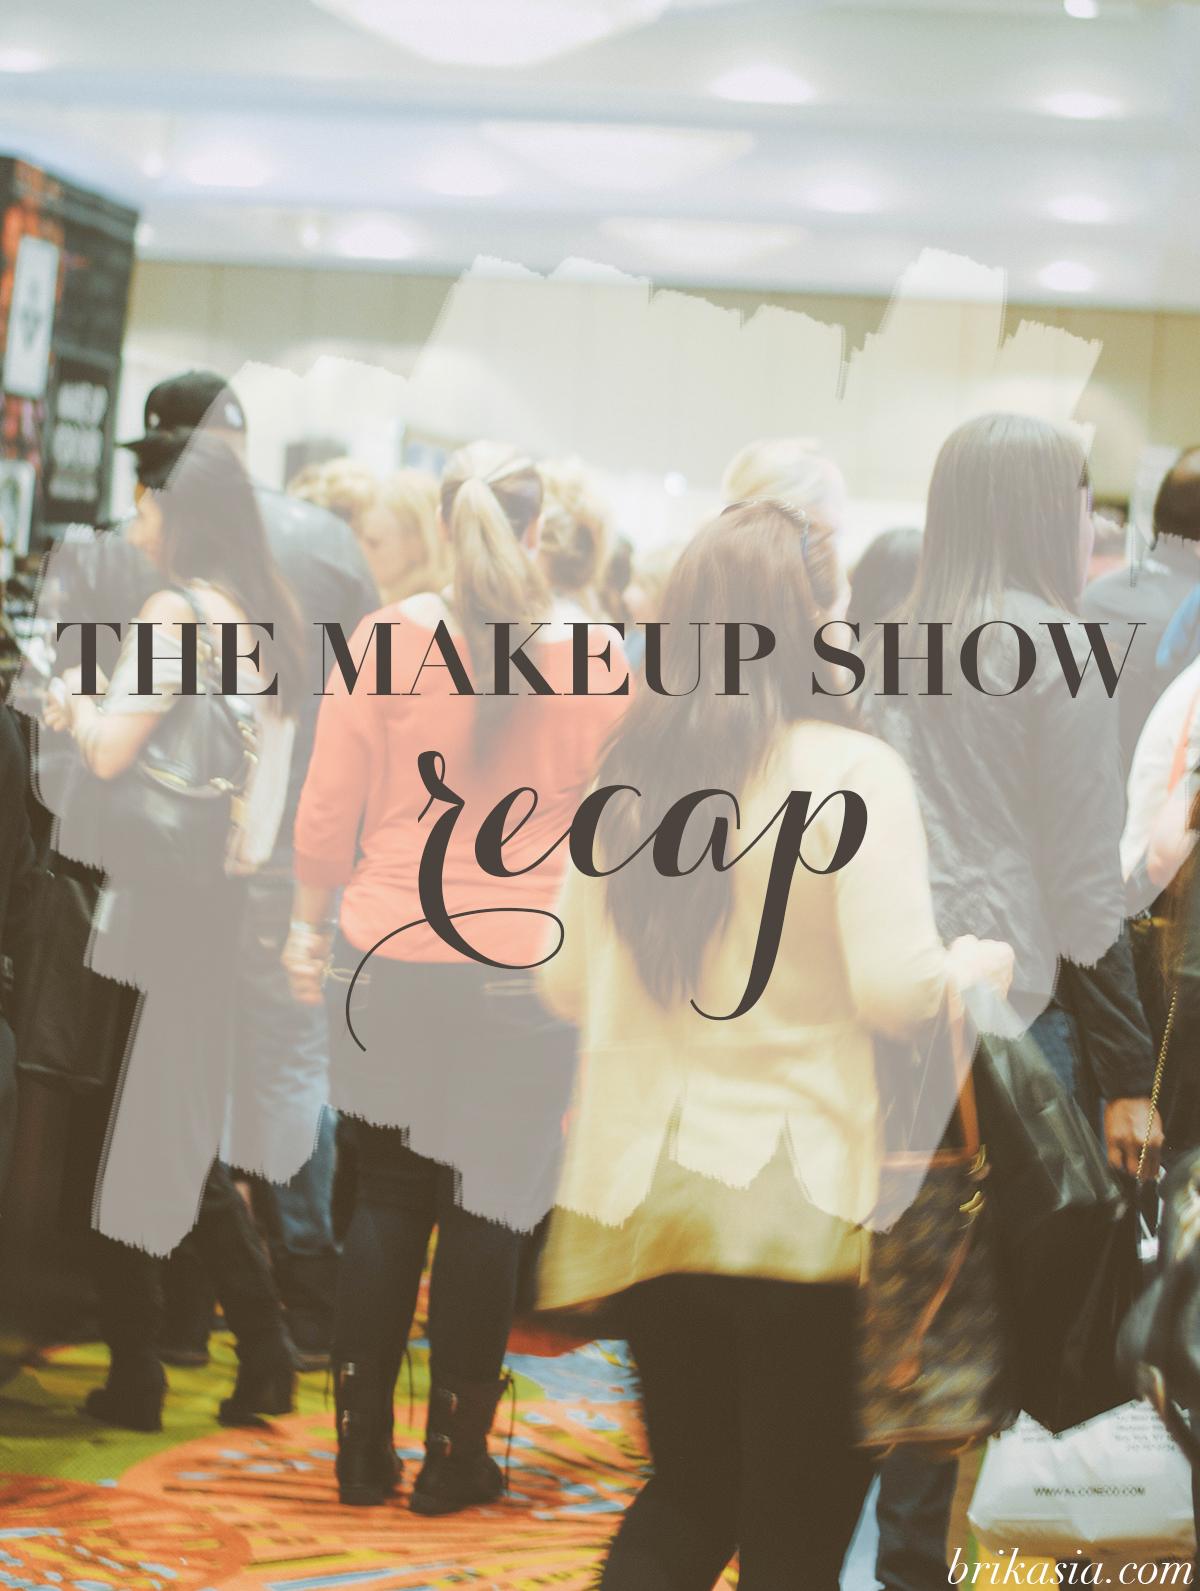 The Makeup Show Orlando, beauty trade show recap